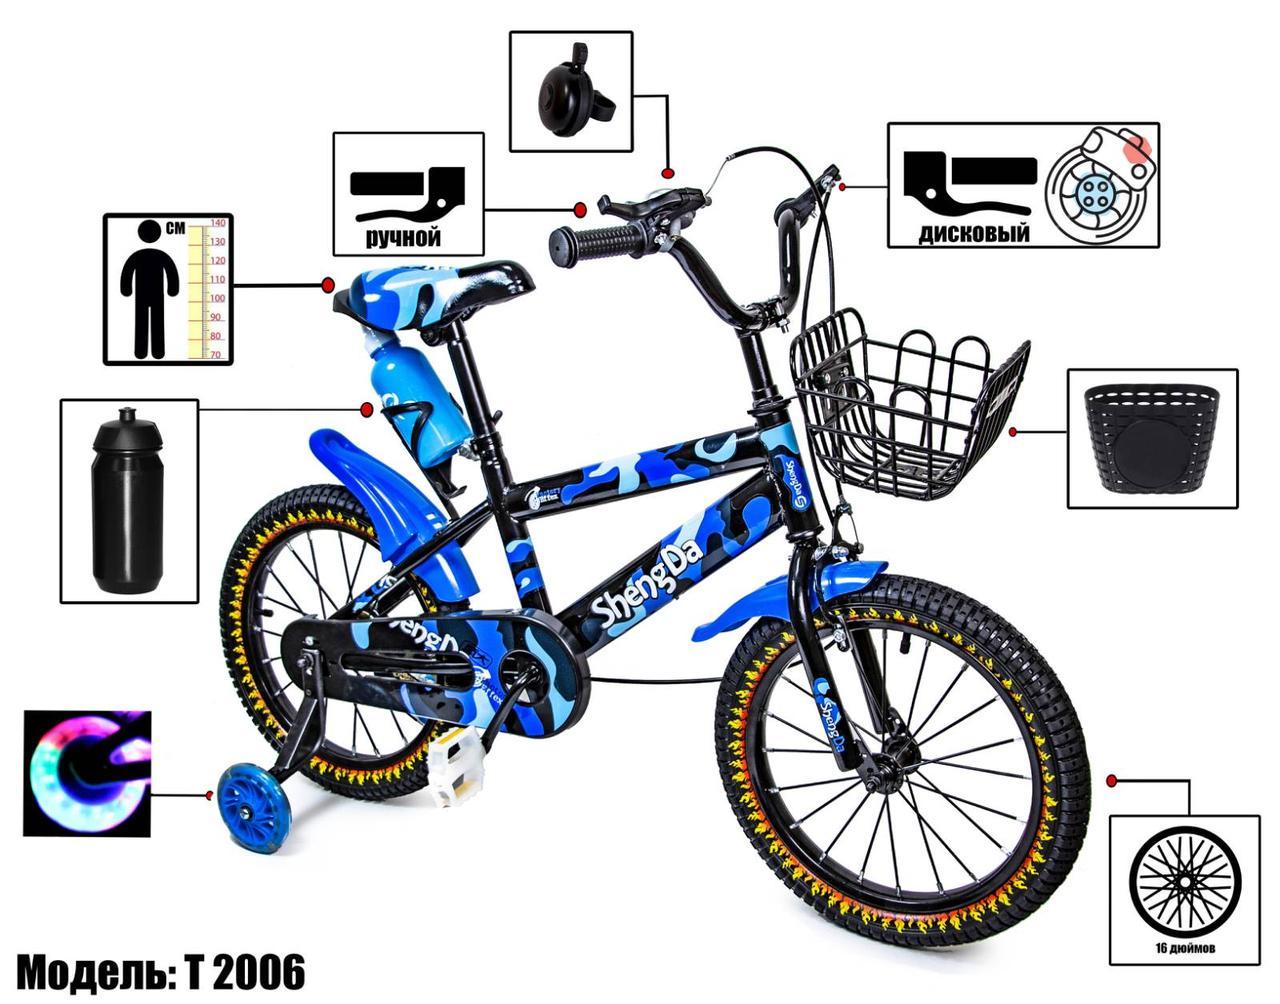 """Велосипед 16 """"SHENGDA"""" Blue T2006, Ручной и Дисковый Тормоз"""